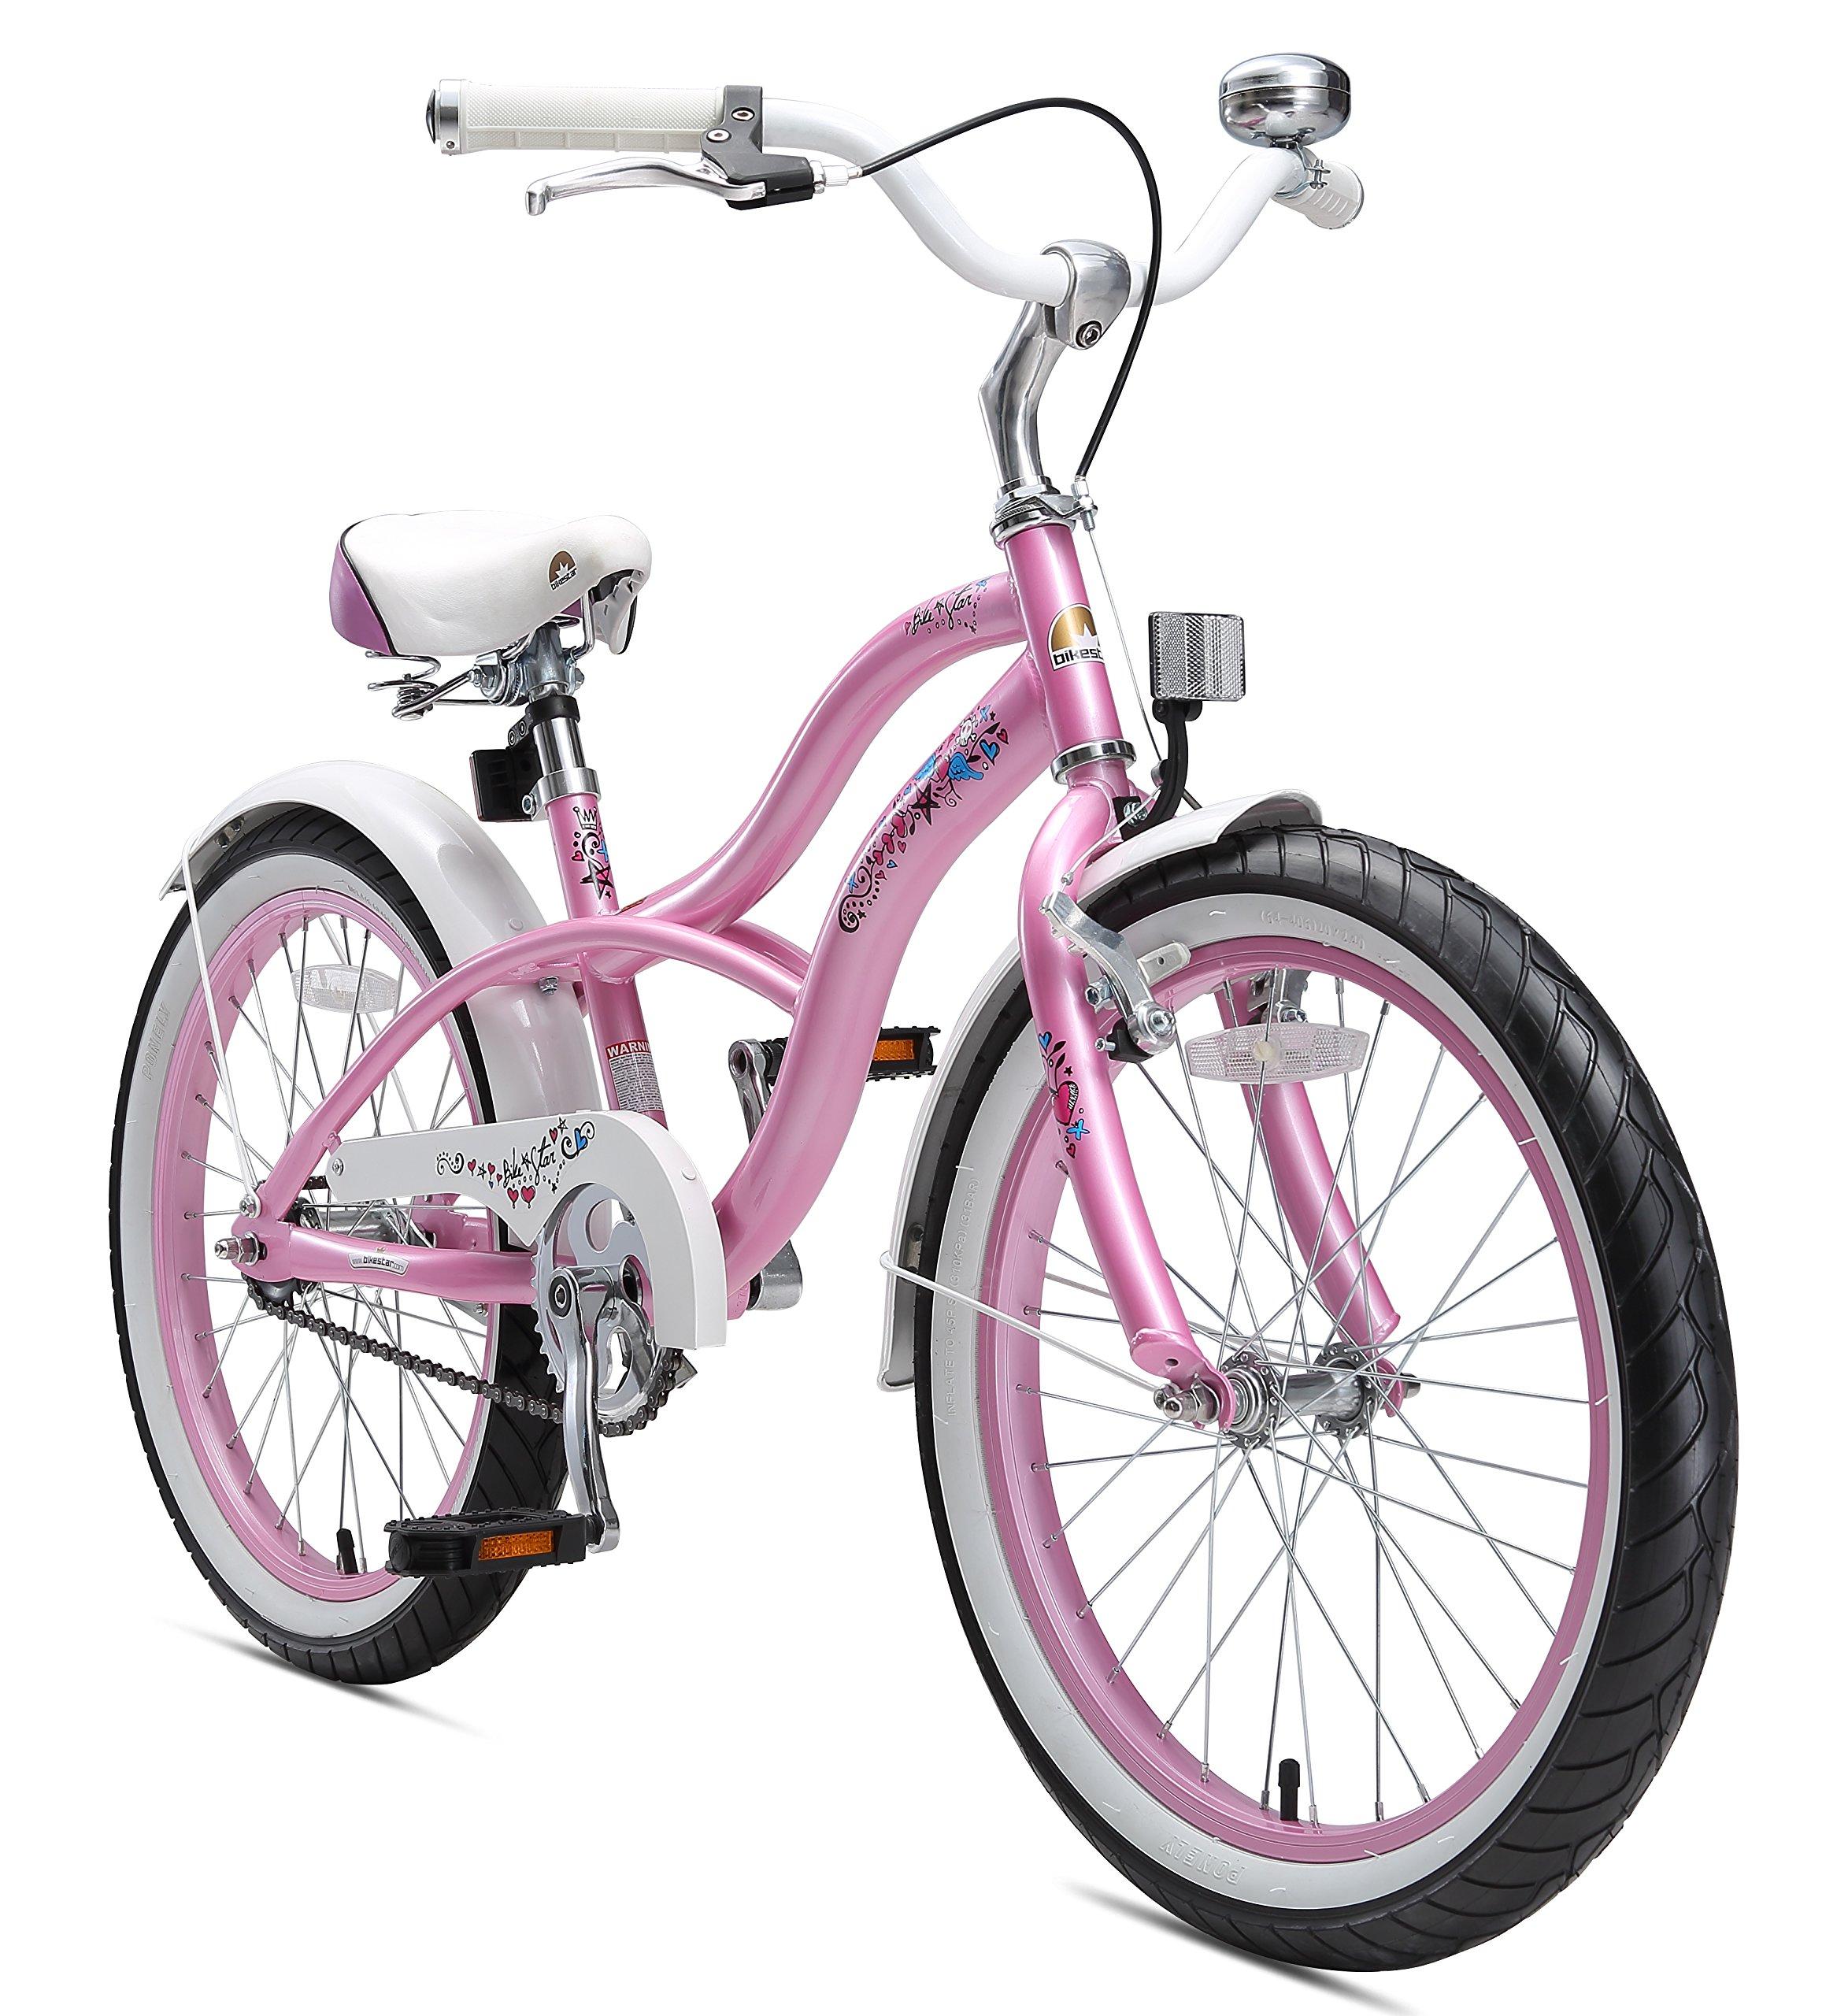 5ee2c41c310eb BIKESTAR Vélo Enfant pour Garcons et Filles de 6 Ans ☆ Bicyclette Enfant 20  Pouces Cruiser avec Freins ☆